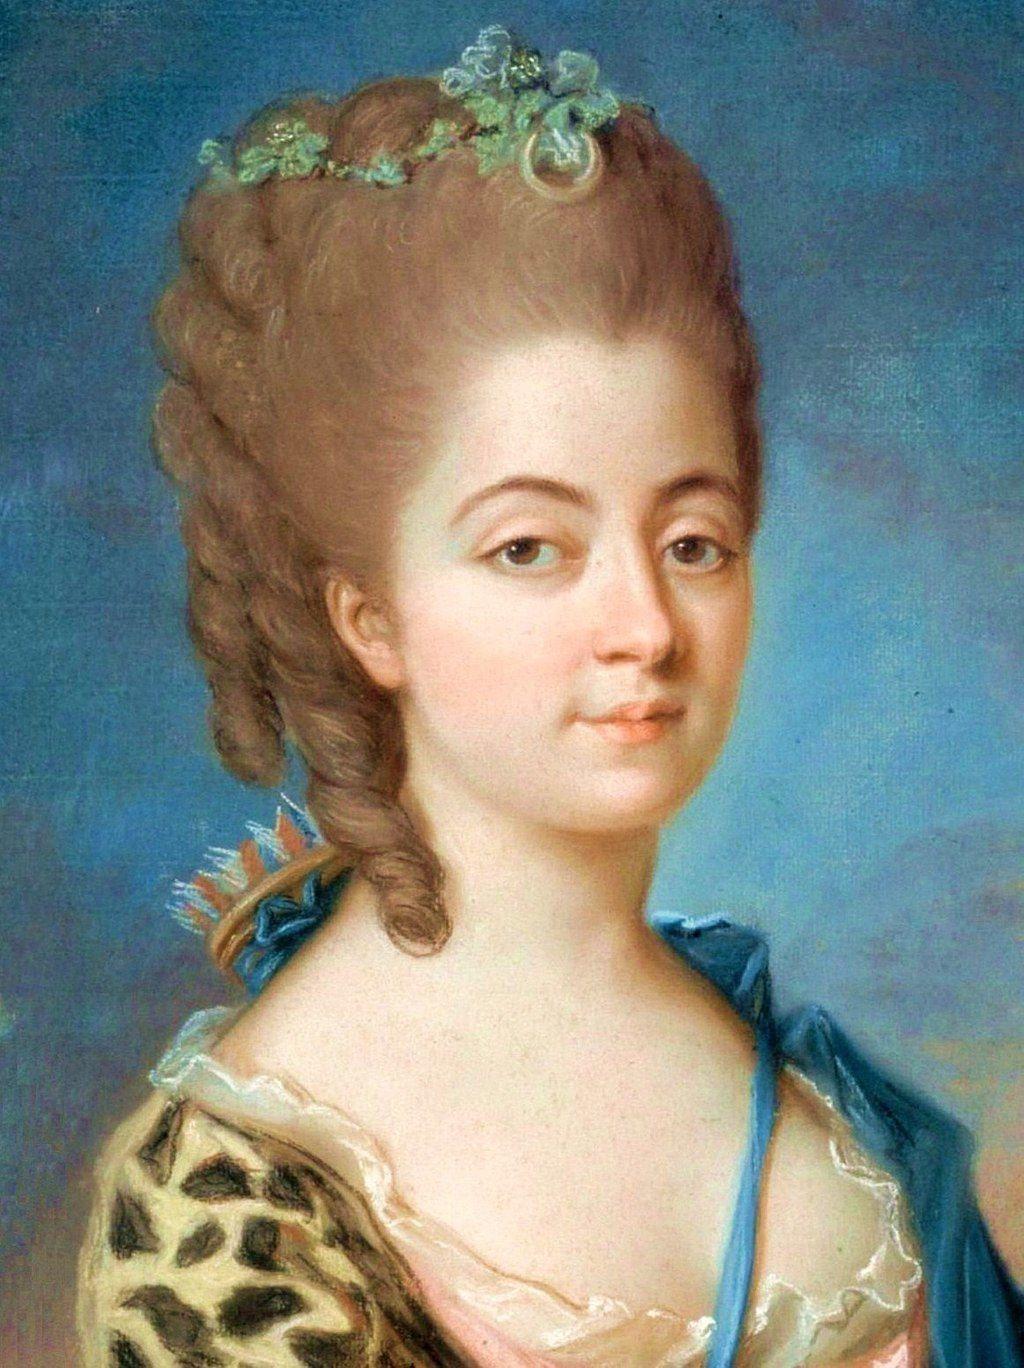 Marie-Aurore de Saxe par Adélaïde Labille-Guiard — Musée de la Vie romantique - Hôtel Scheffer-Renan - 16 rue Chaptal 75009 Paris.